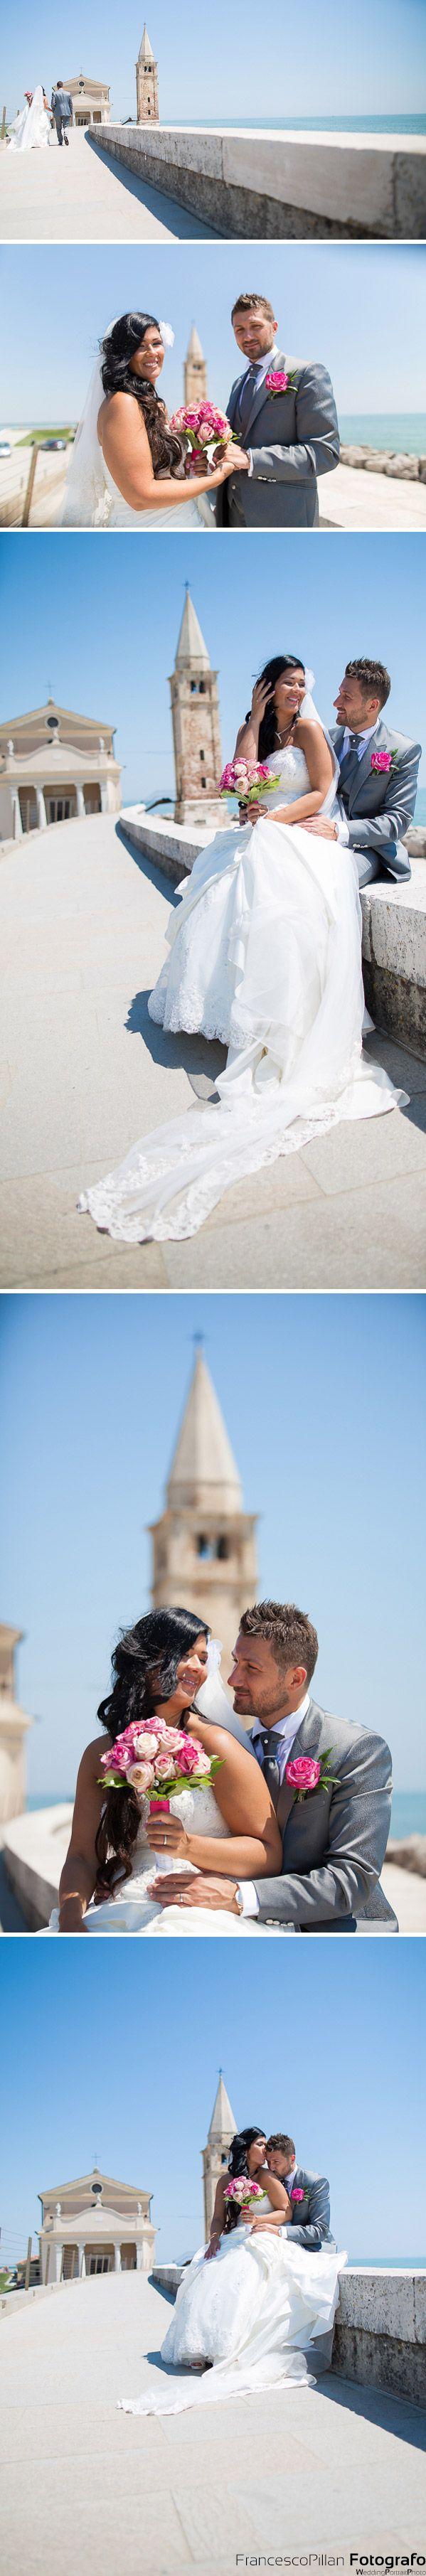 matrimonio caorle sposi sul lungomare con la chiesa madonna del santuario sullo sfondo